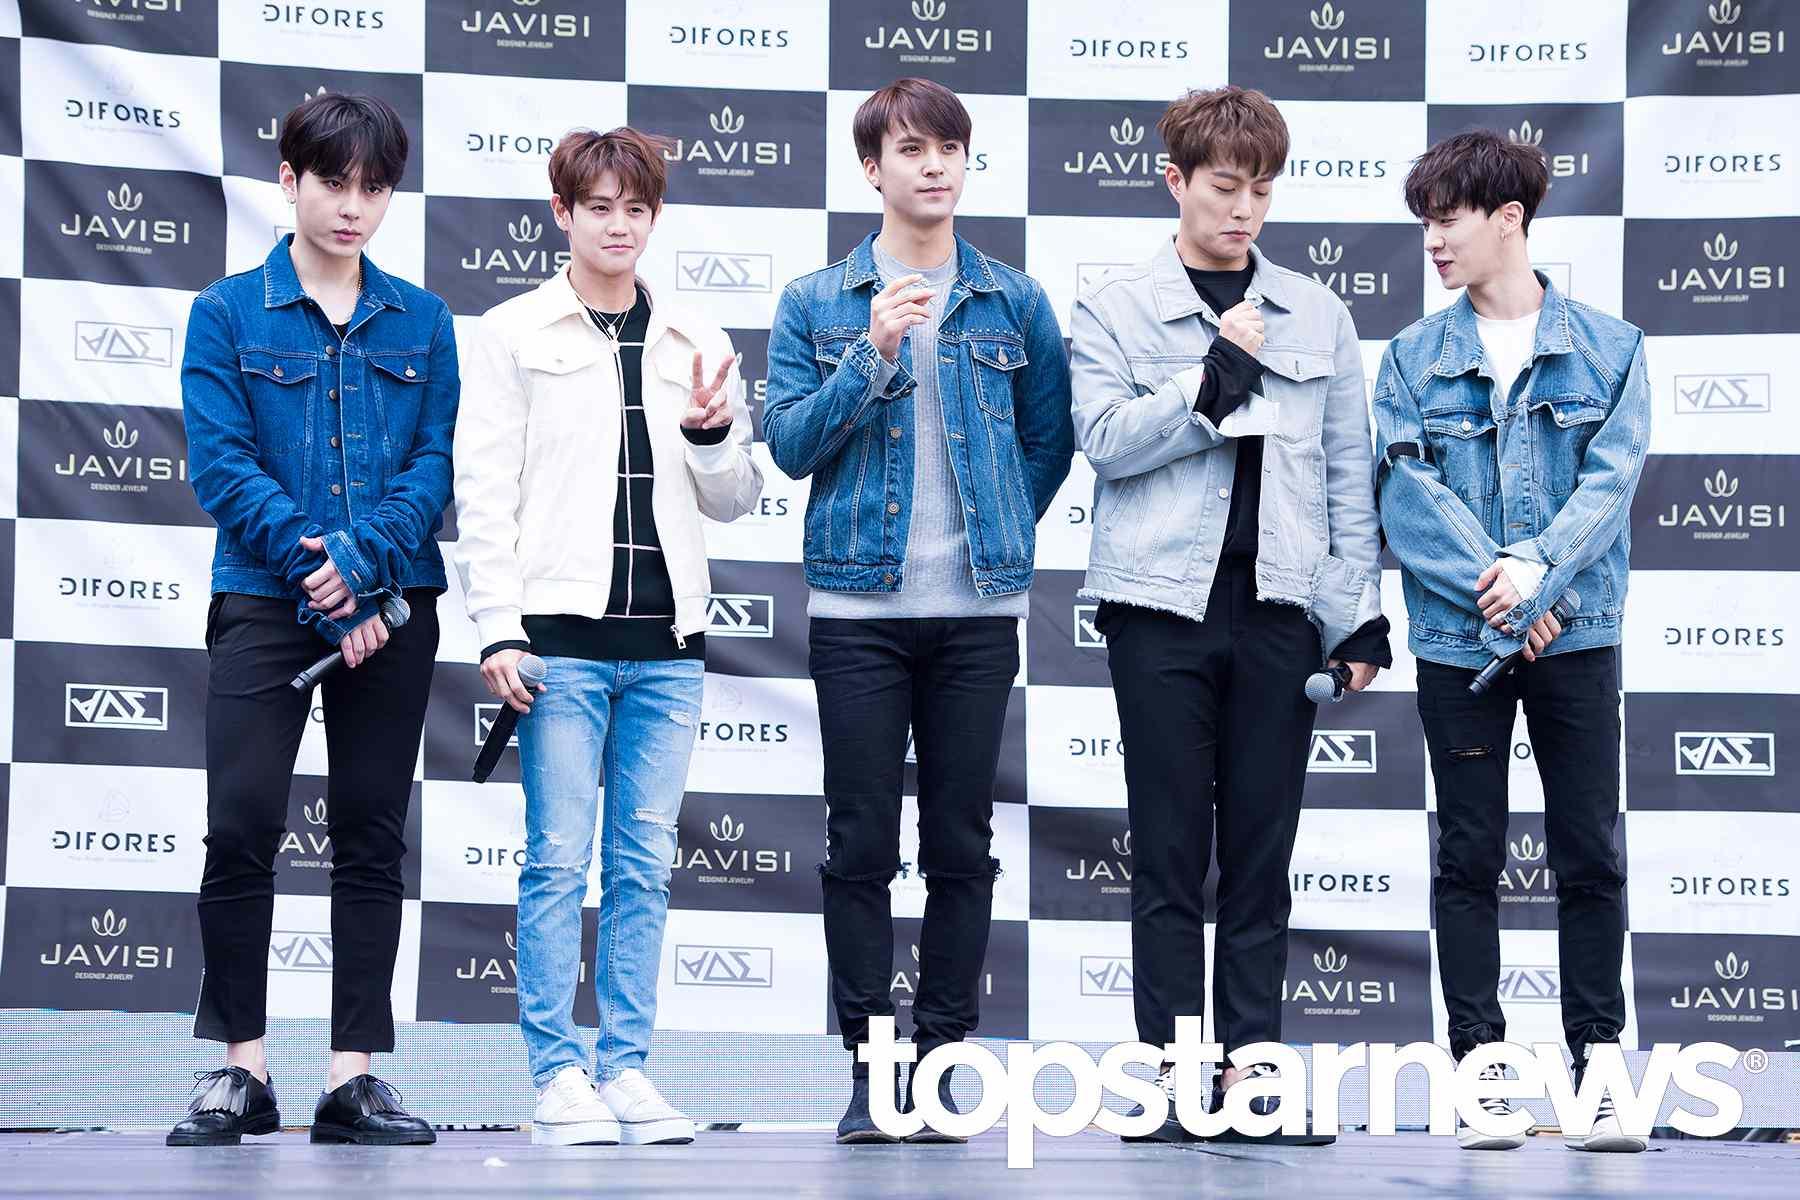 今年10月Beast和Cube娛樂的合約到期後所有成員均未再續約, 最終決定建立個人工作室,并以 Beast經典歌曲「Good Luck」命名工作室。